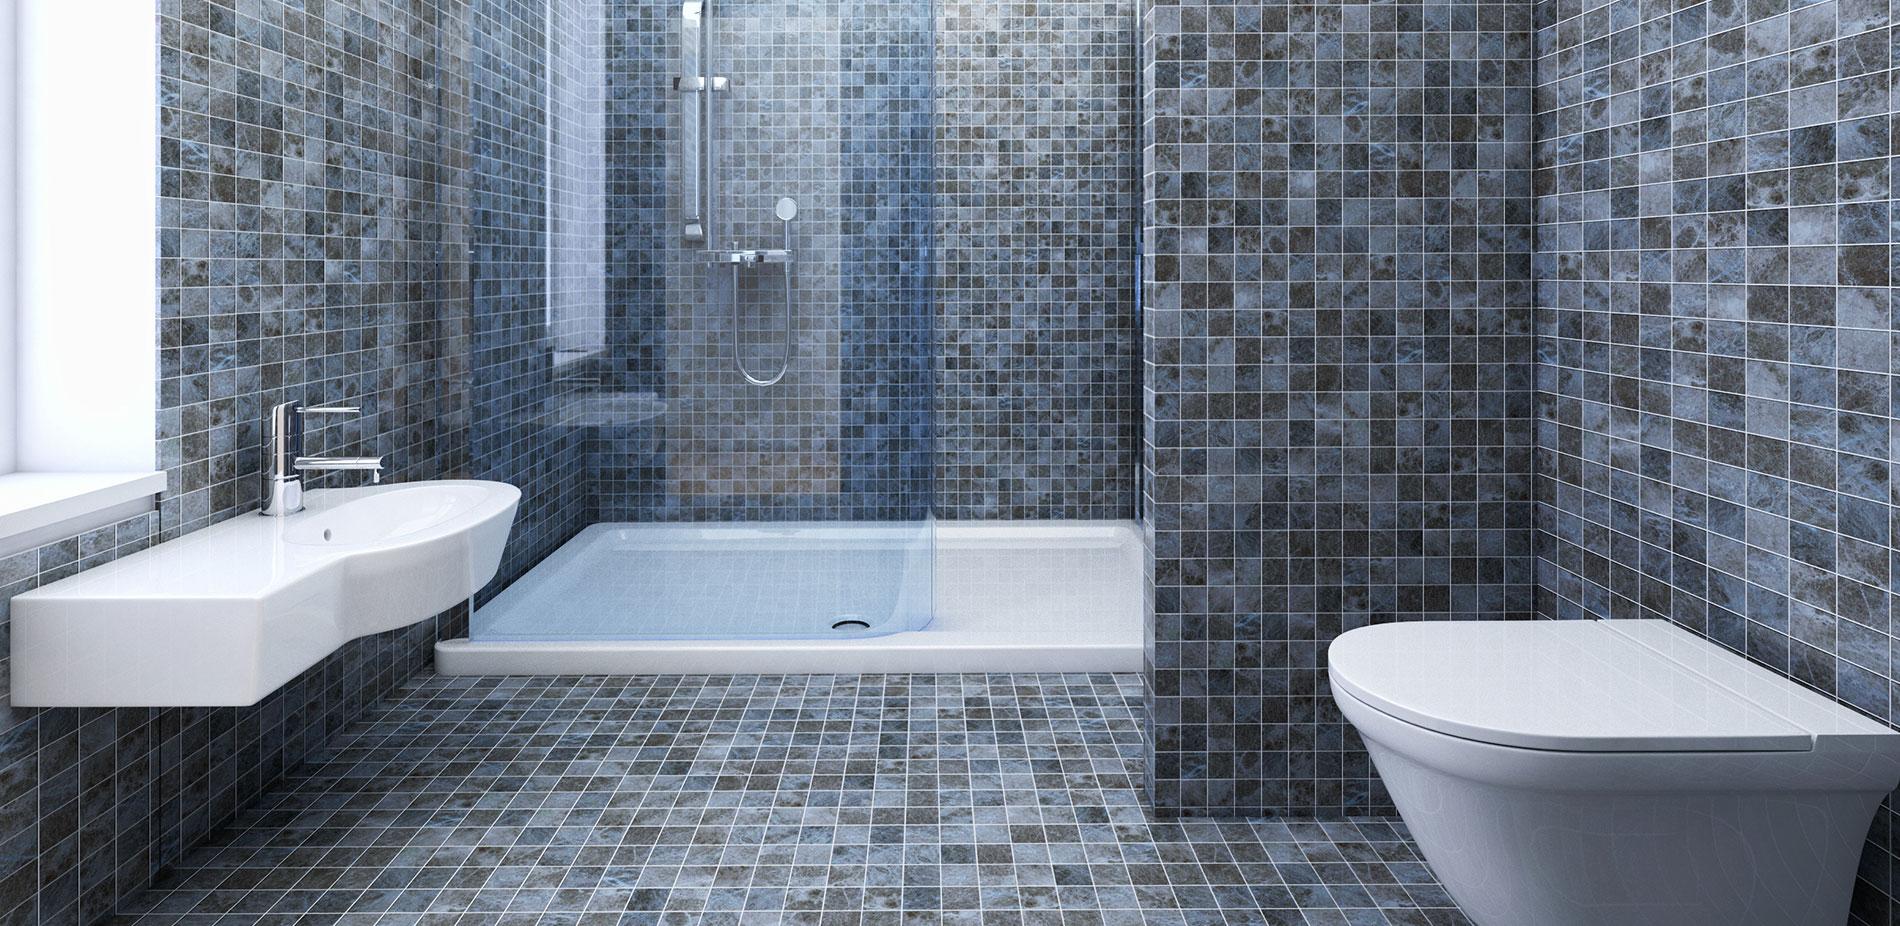 Fournisseur carrelage et mobilier salle de bain Revel